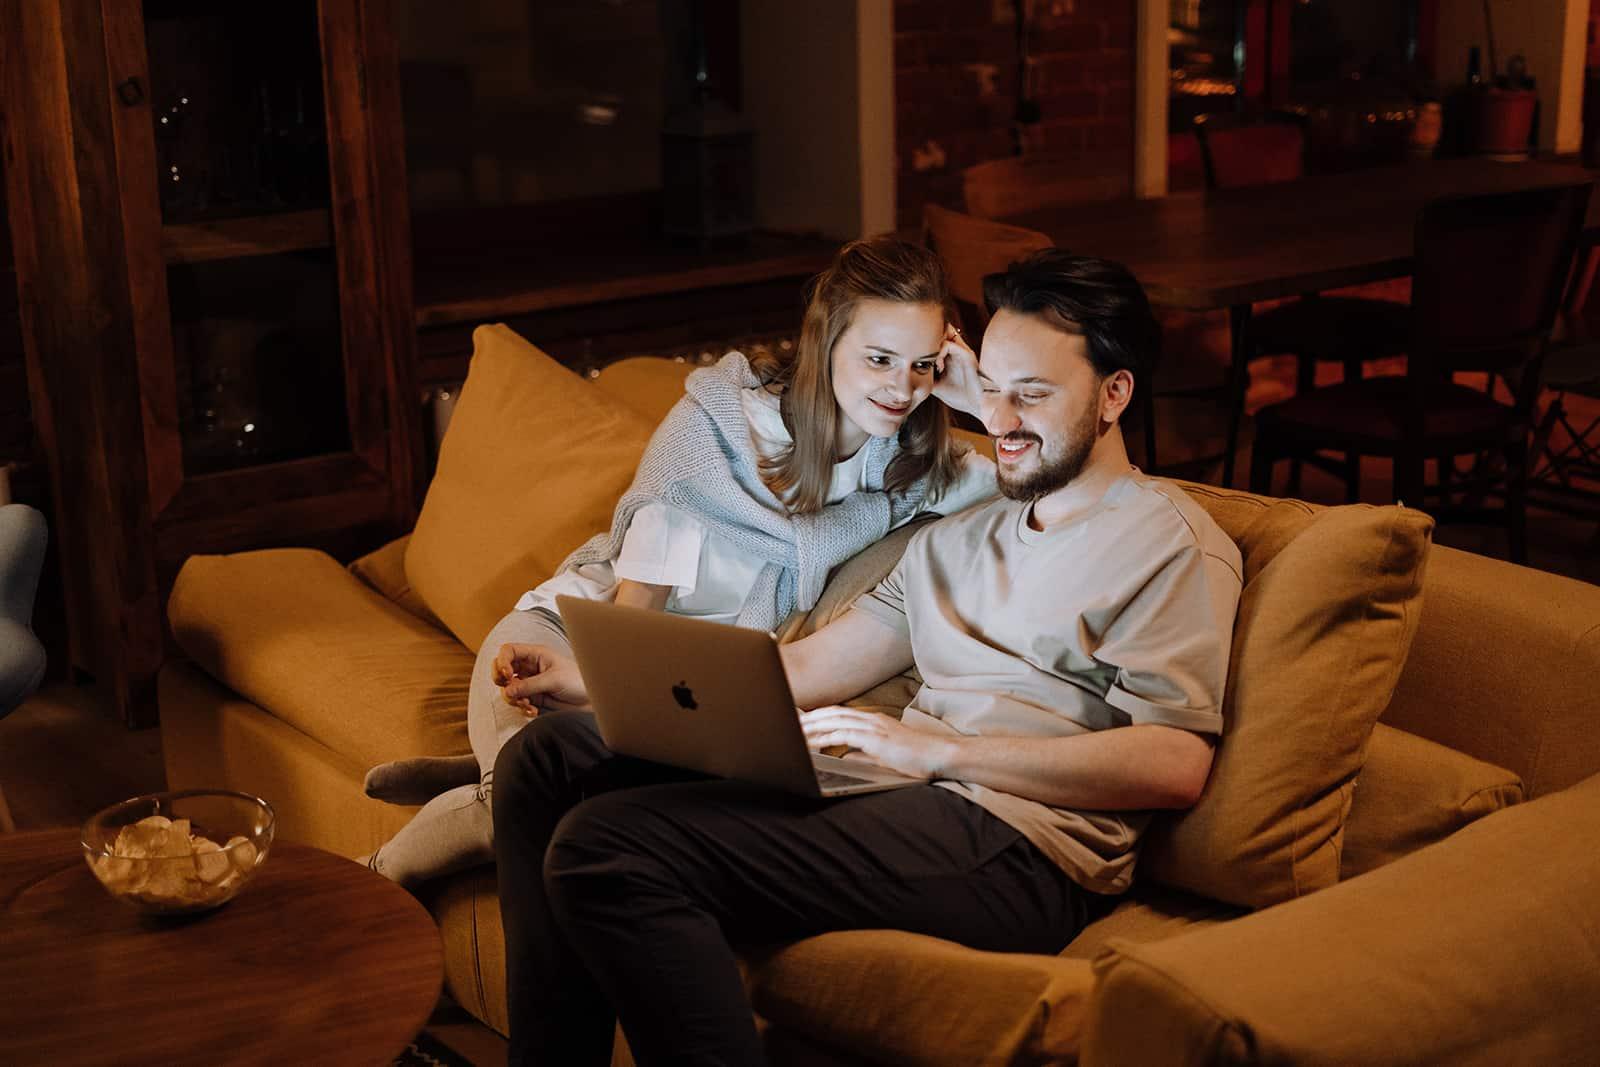 Ein liebevolles Paar wählt einen Film aus, den es auf dem Laptop auf der Couch sehen kann